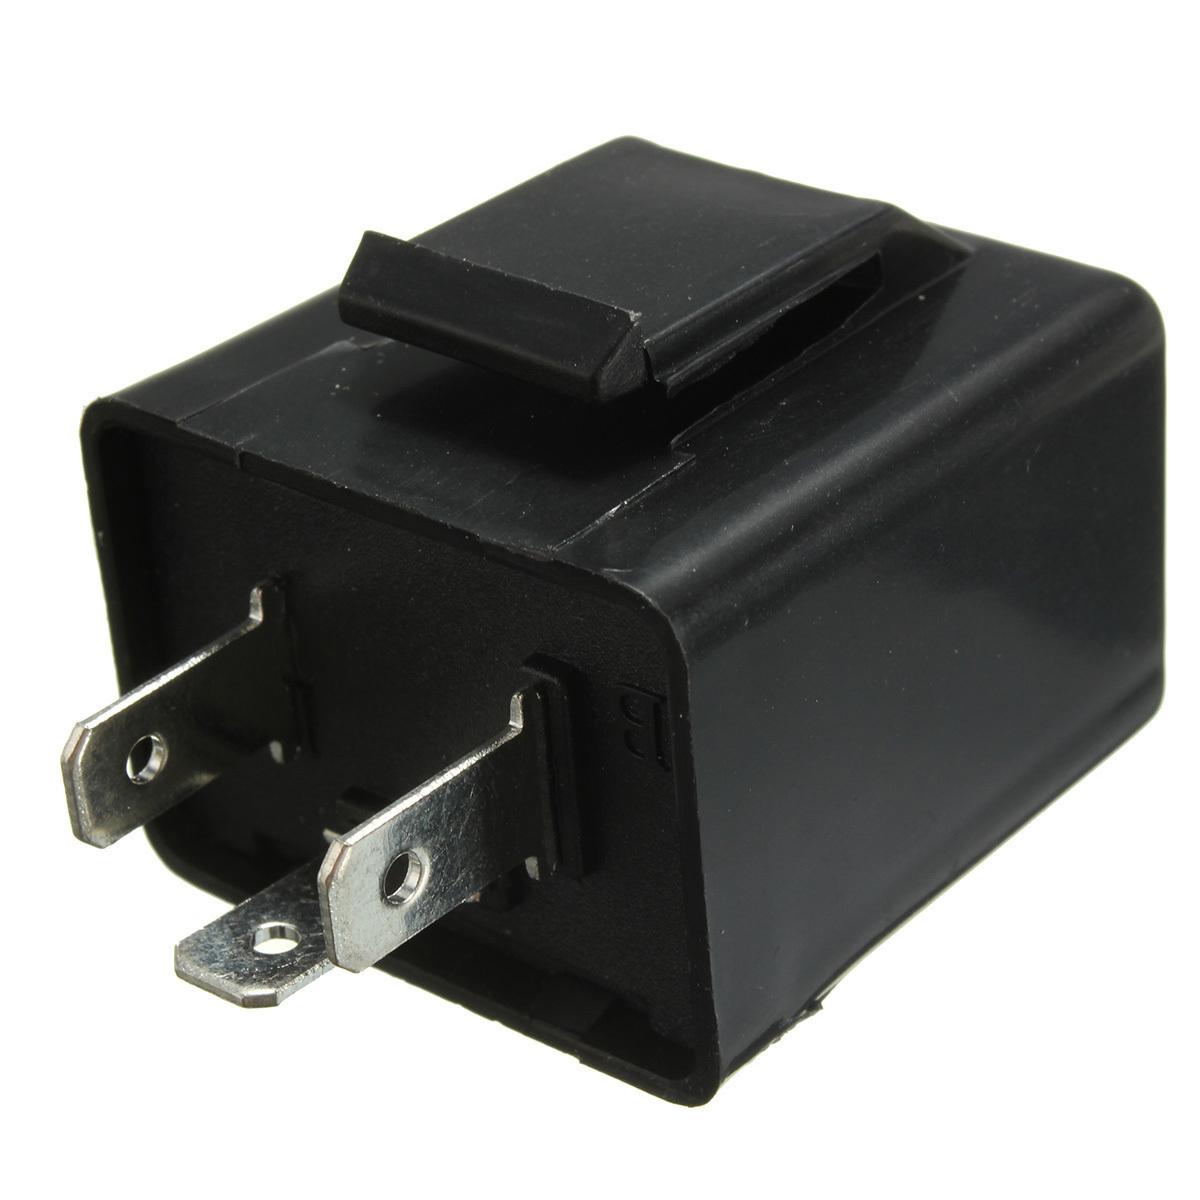 Online murah Audew hitam Universal MF-5 12 V 0.1-150 watt motor 3